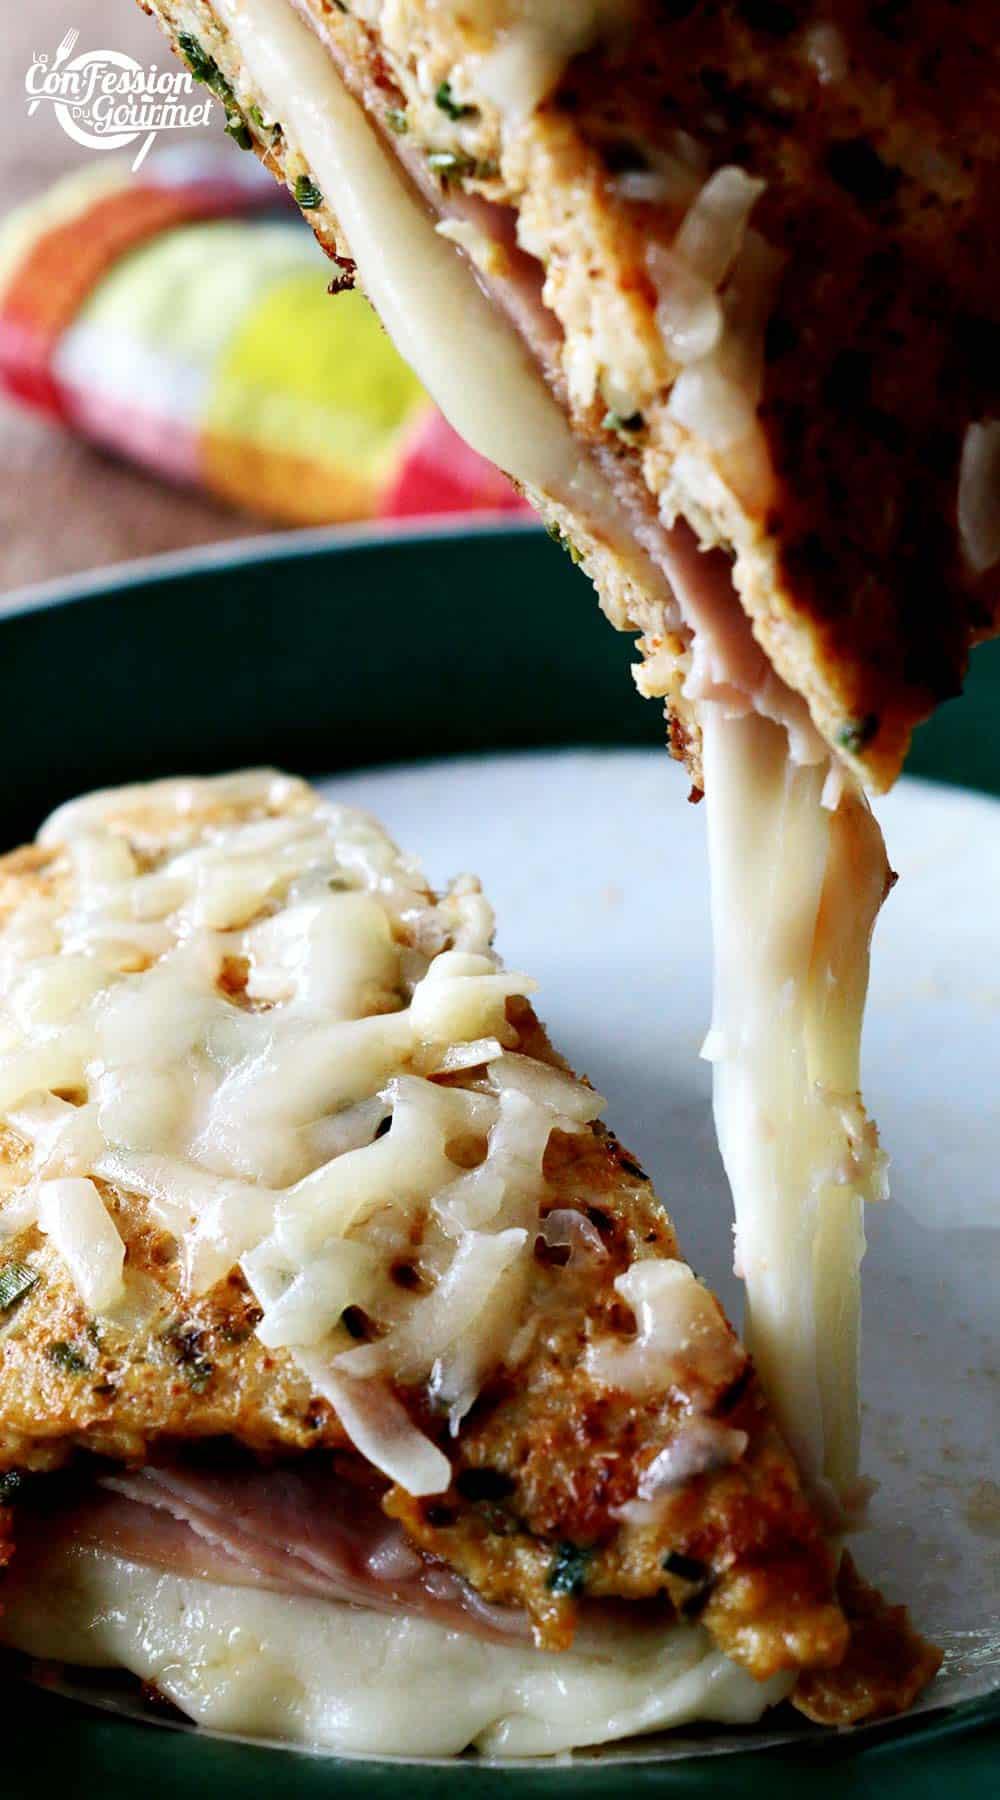 une moitié du croque-monsieur jambon retiré de l'assiette et le fromage fondant qui s'étire